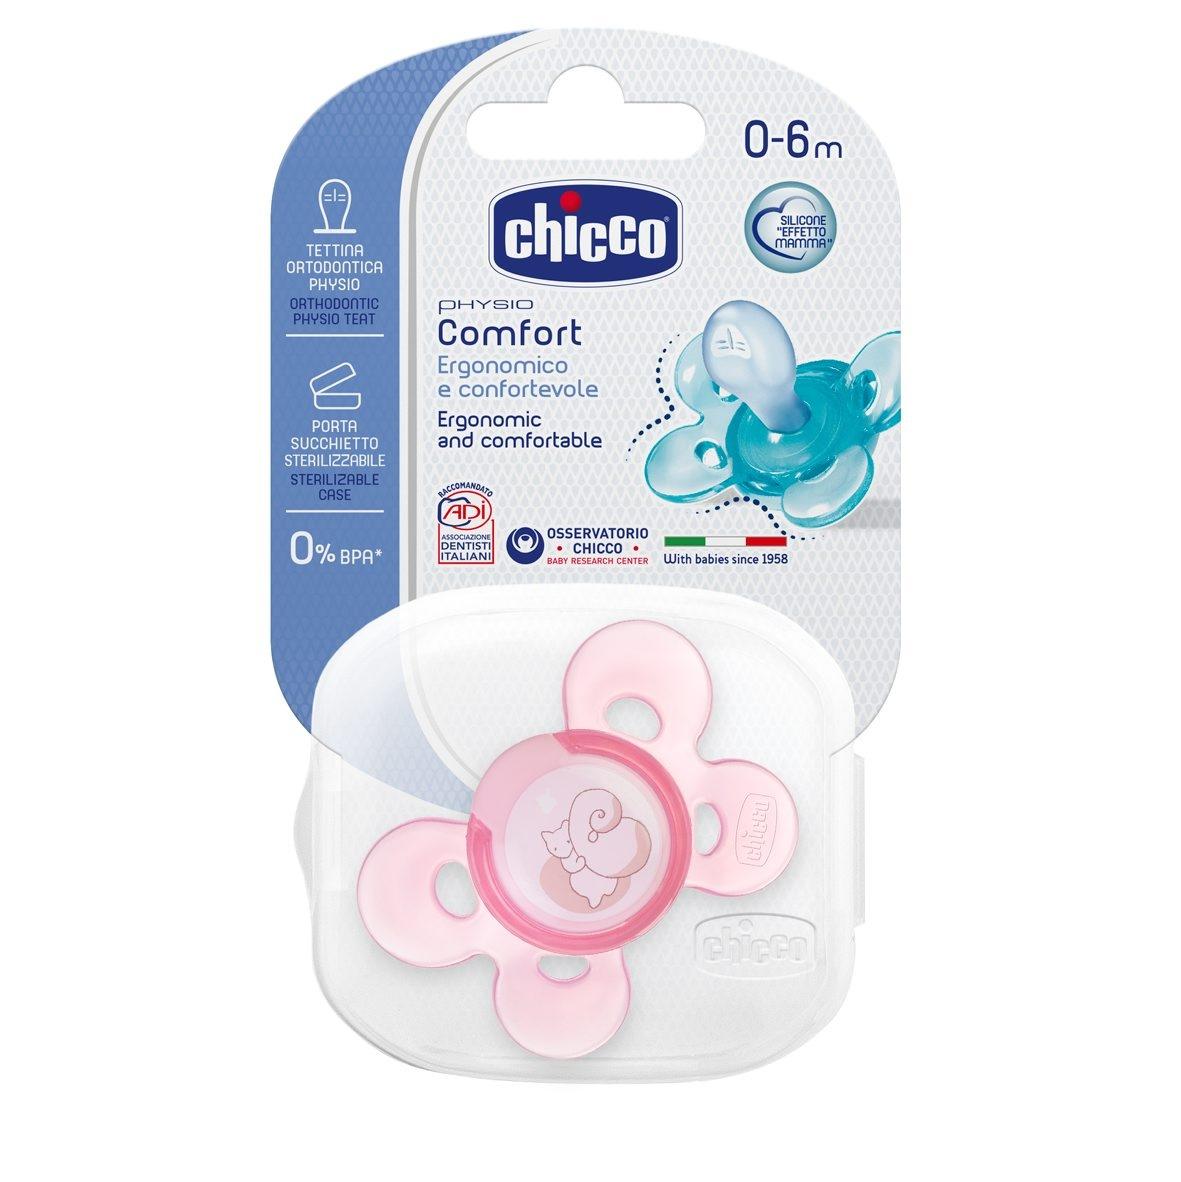 Chicco Šidítko Physio Comfort, silikonové, 0-6m, růžové, 1ks